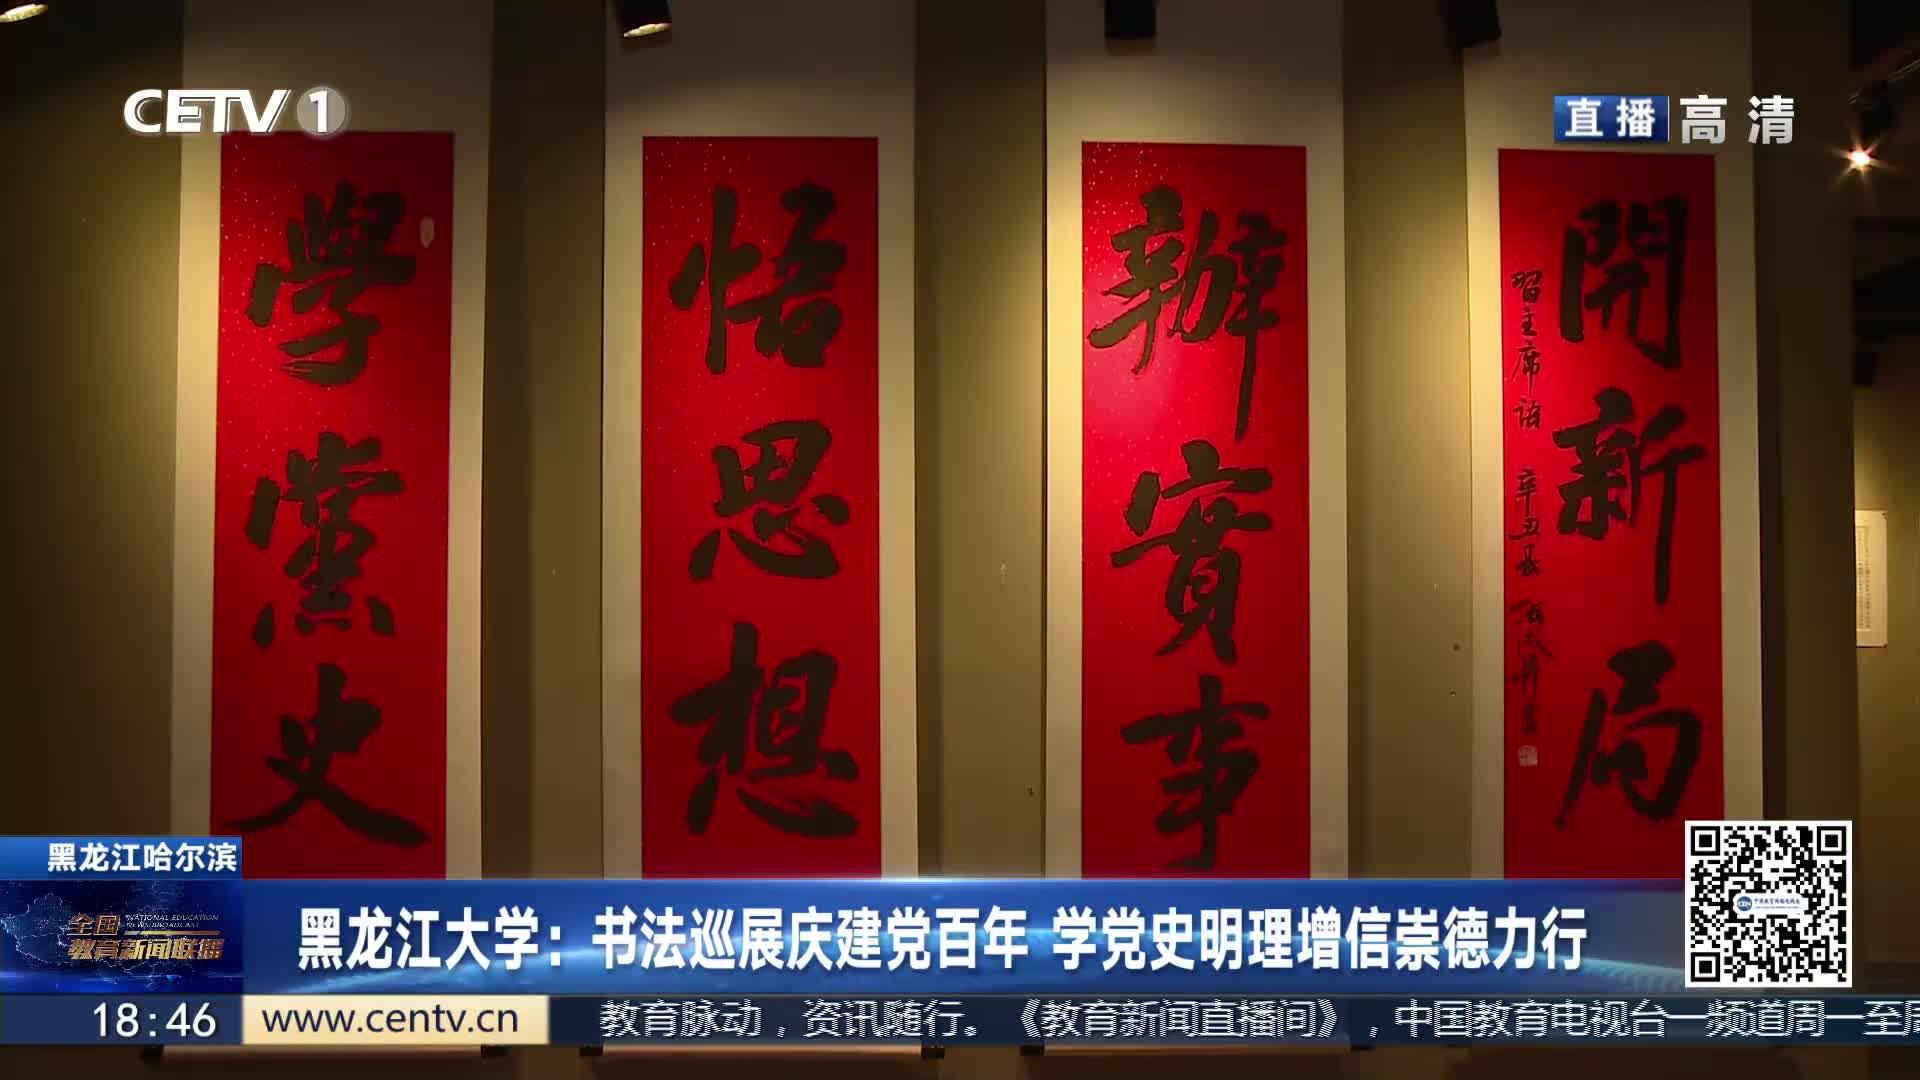 黑龙江大学:书法巡展庆建党百年 学党史明理增信崇德力行